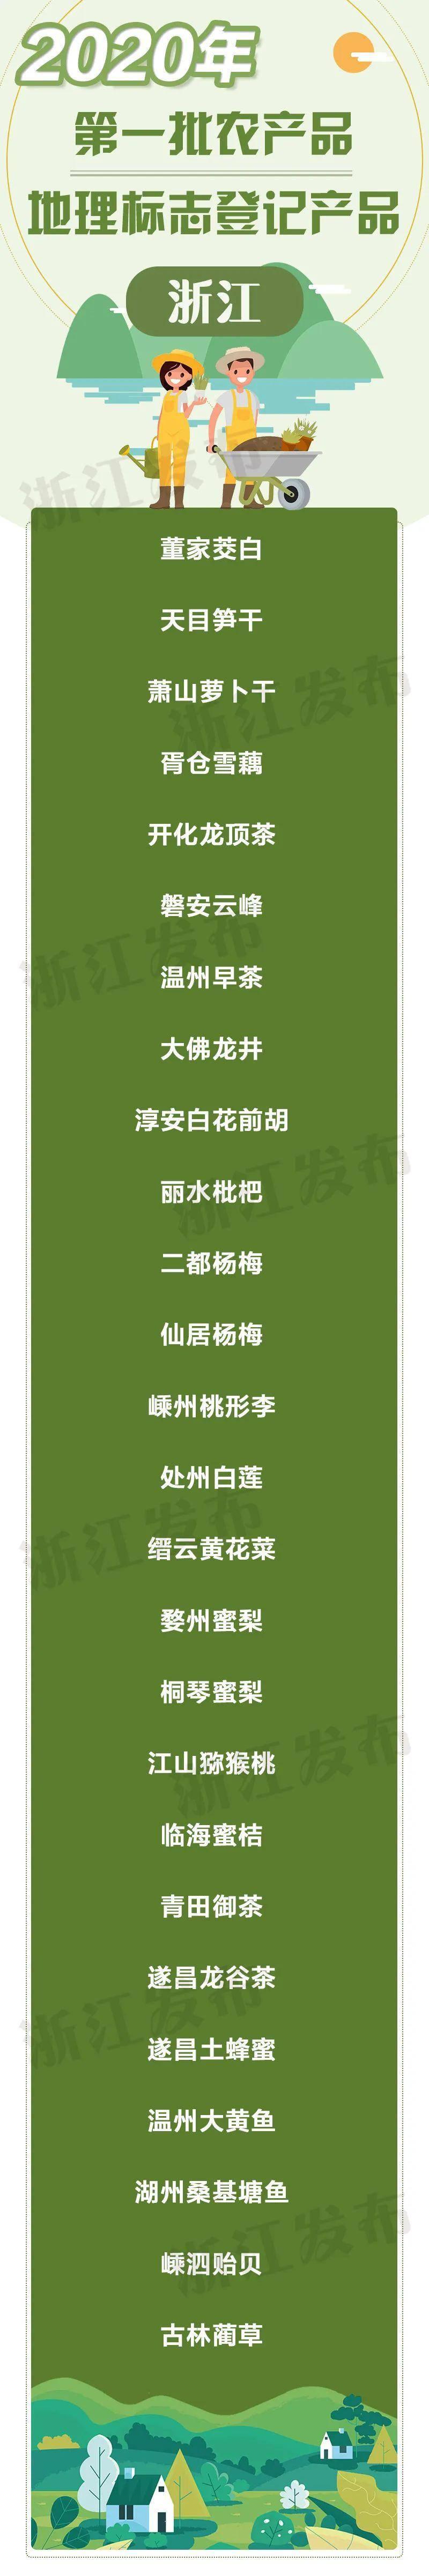 【浙江榜单】2020年浙江省第一批国家农产品地理标志(26个)